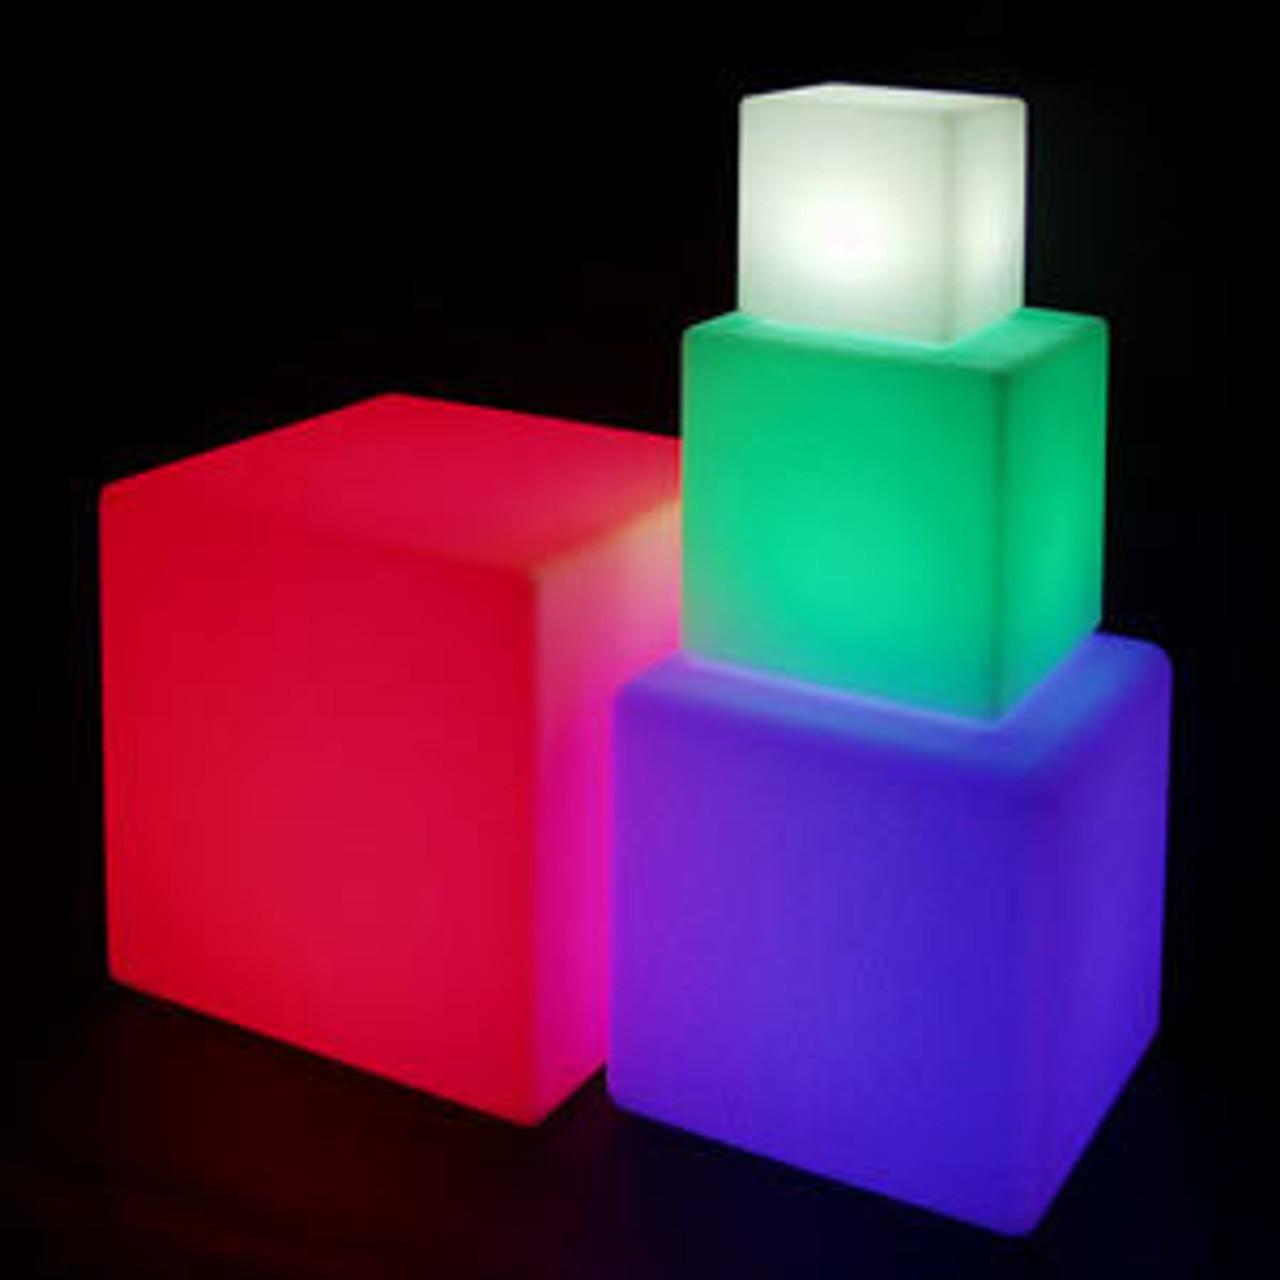 LED Light Cubes & Orbs